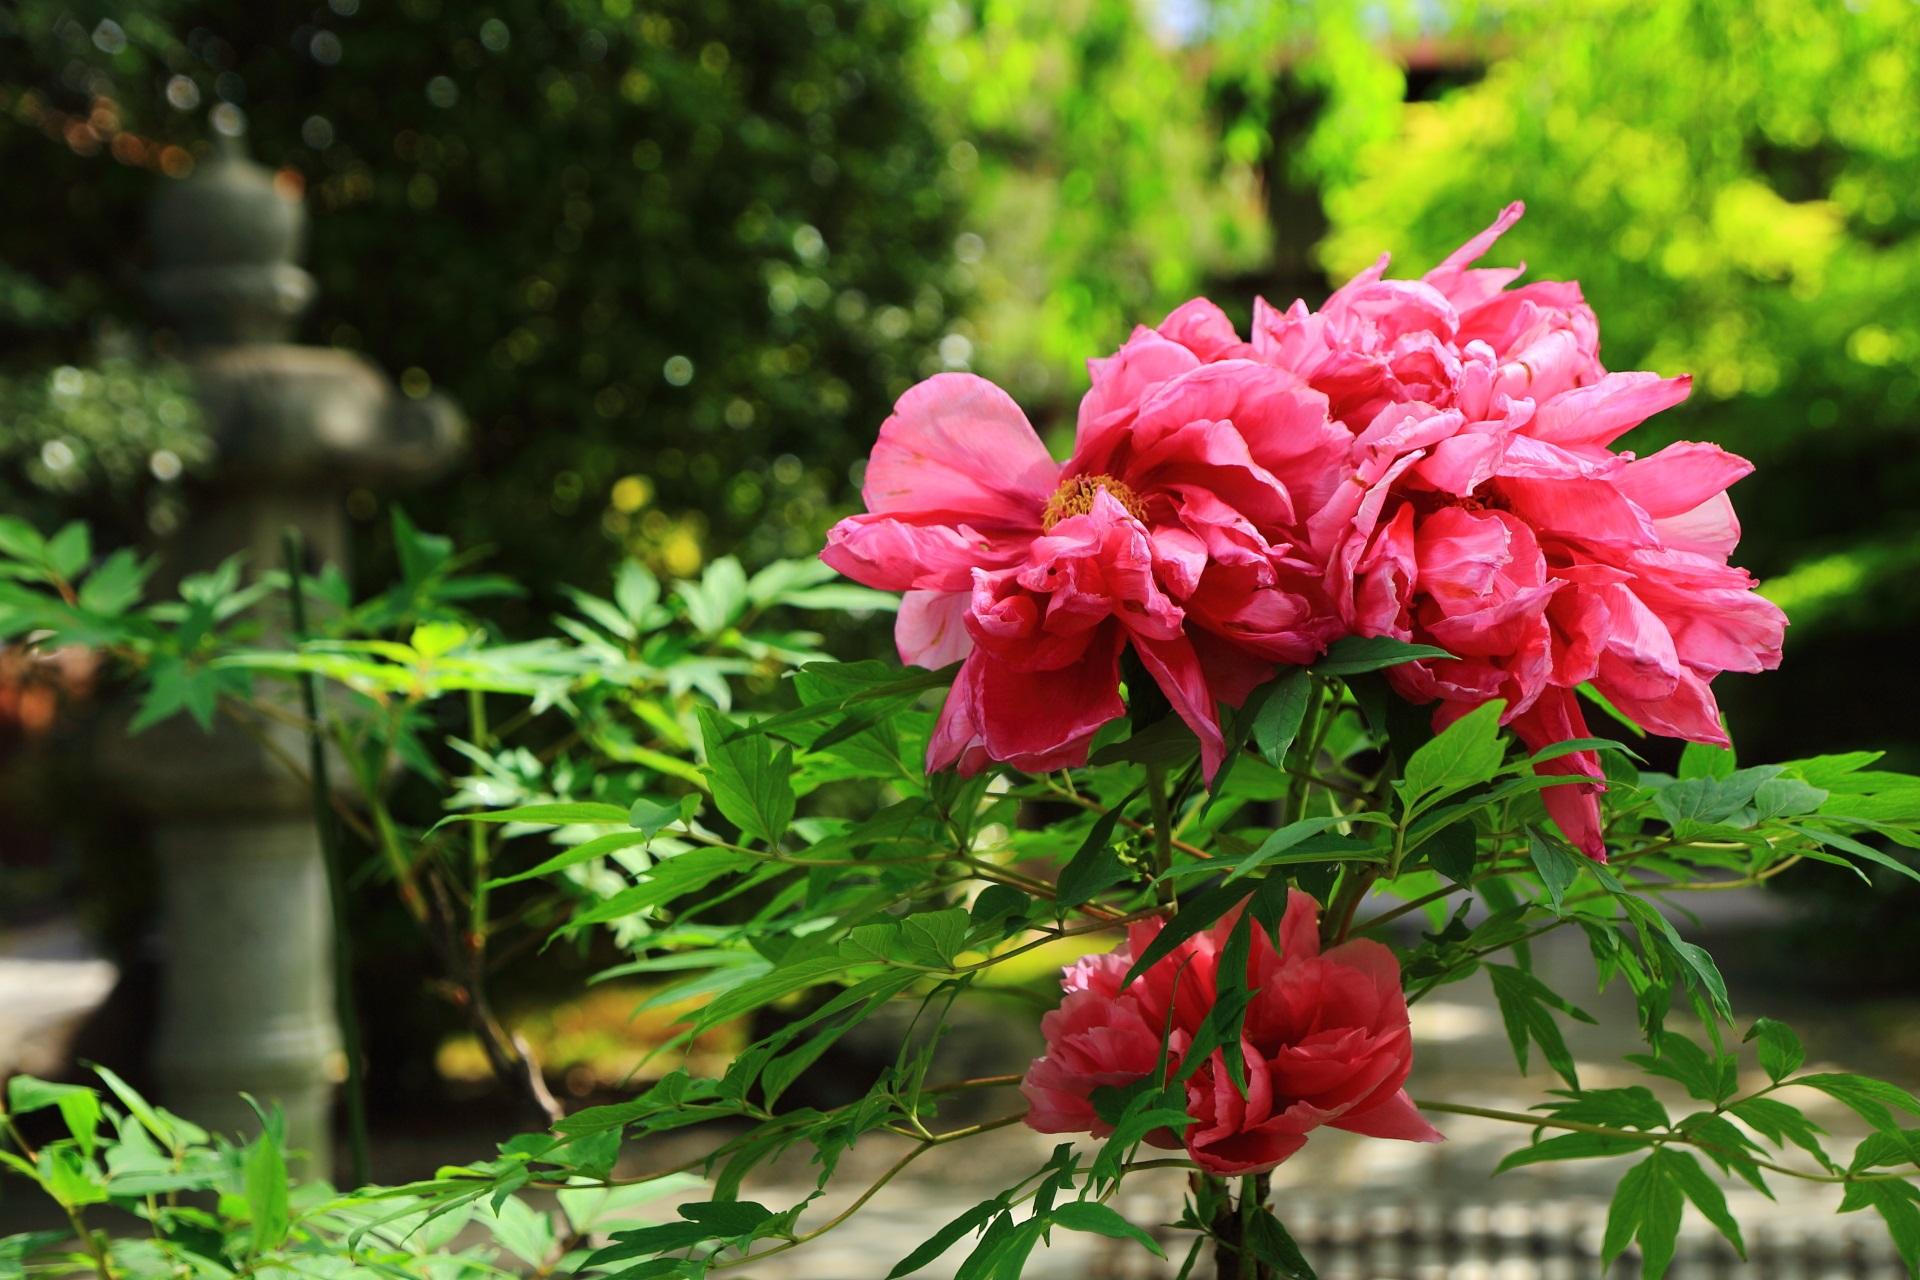 緑とも良く合う妖艶なピンク色の牡丹